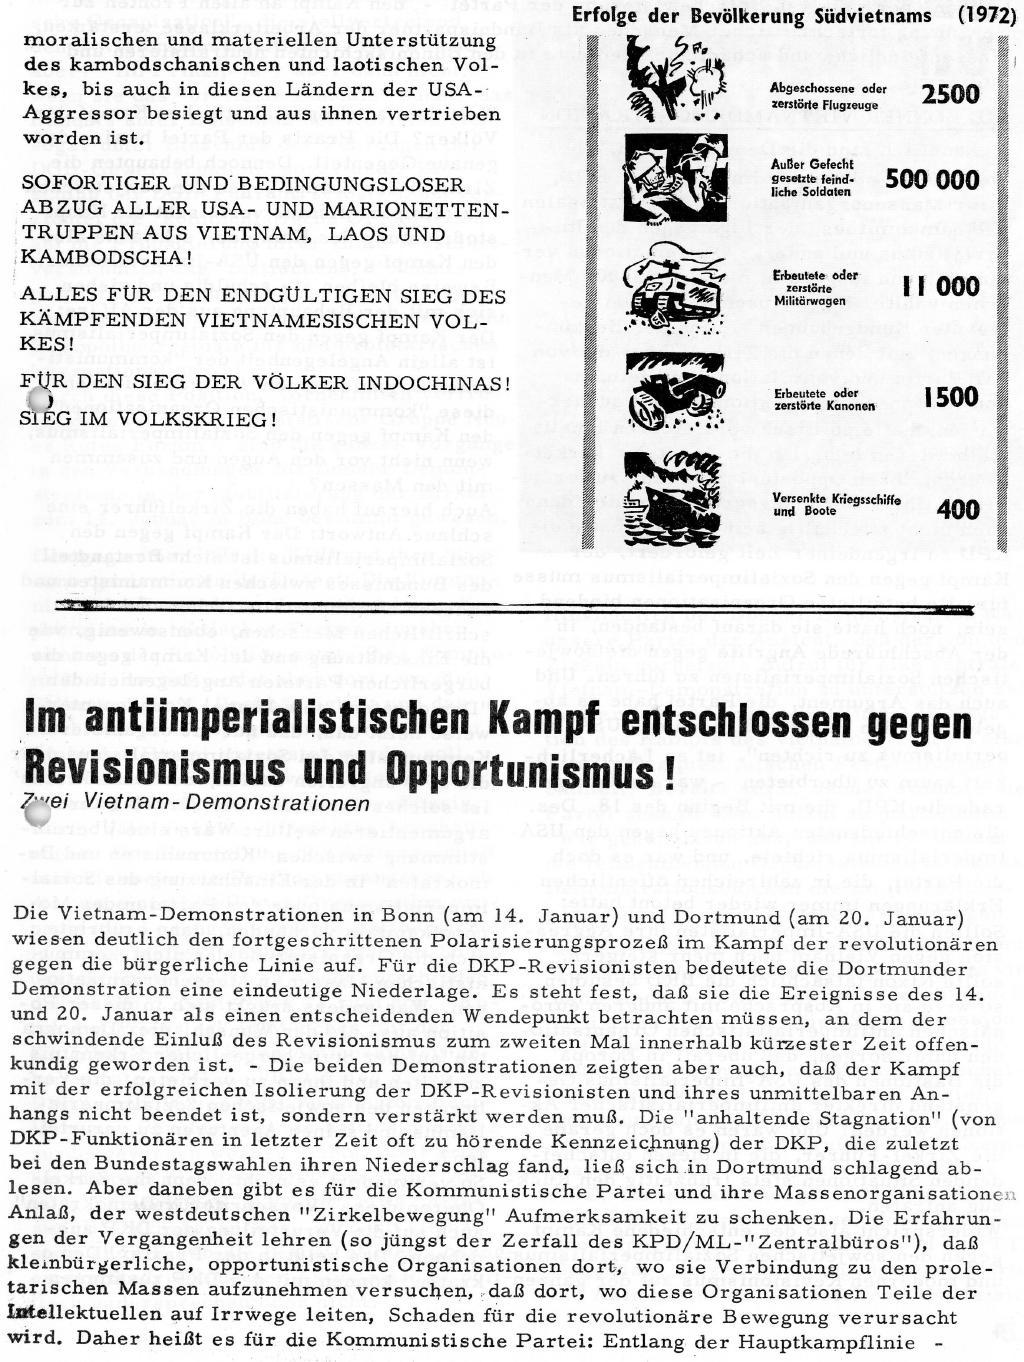 RPK_1973_003_004_03